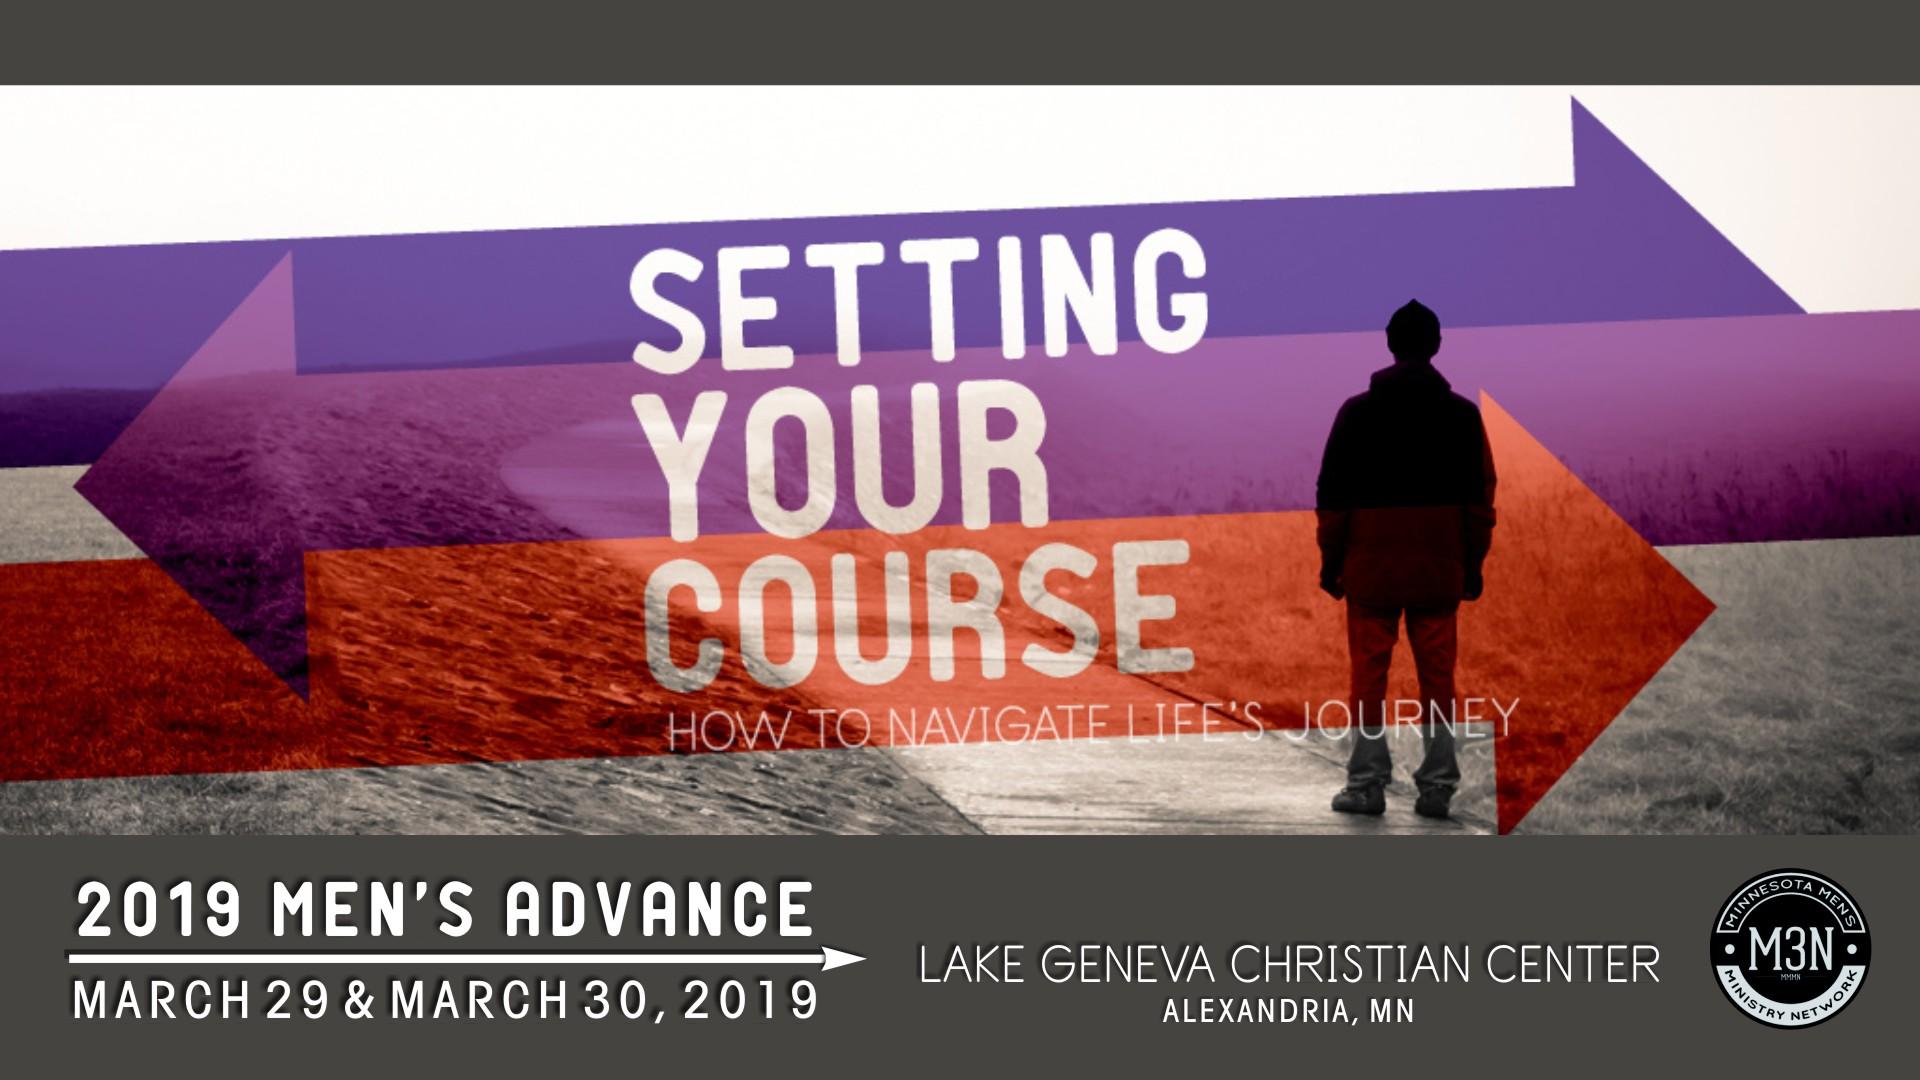 Minnesota District Assemblies of God, Living Hope Church Men's Ministry, Men's Ministry, 2019 Men's Advance